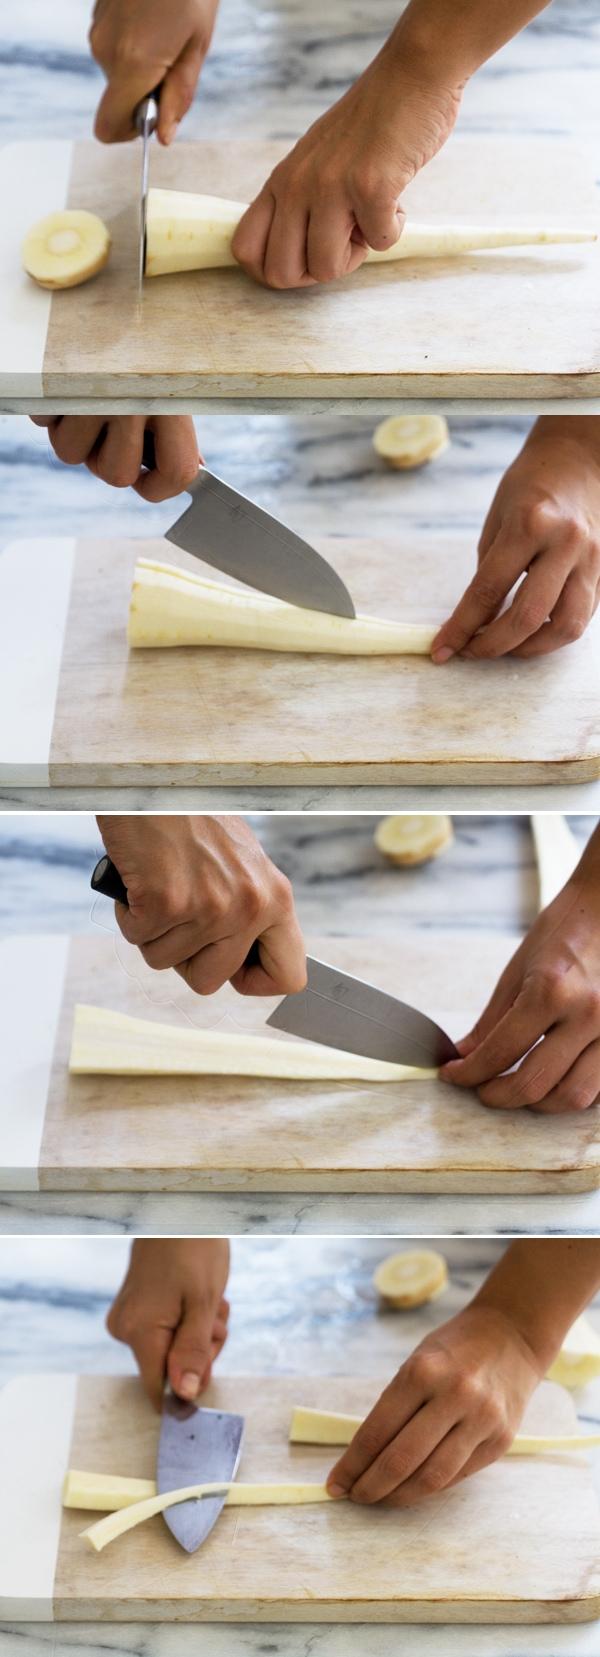 How to Cut a Parsnip // www.acozykitchen.com